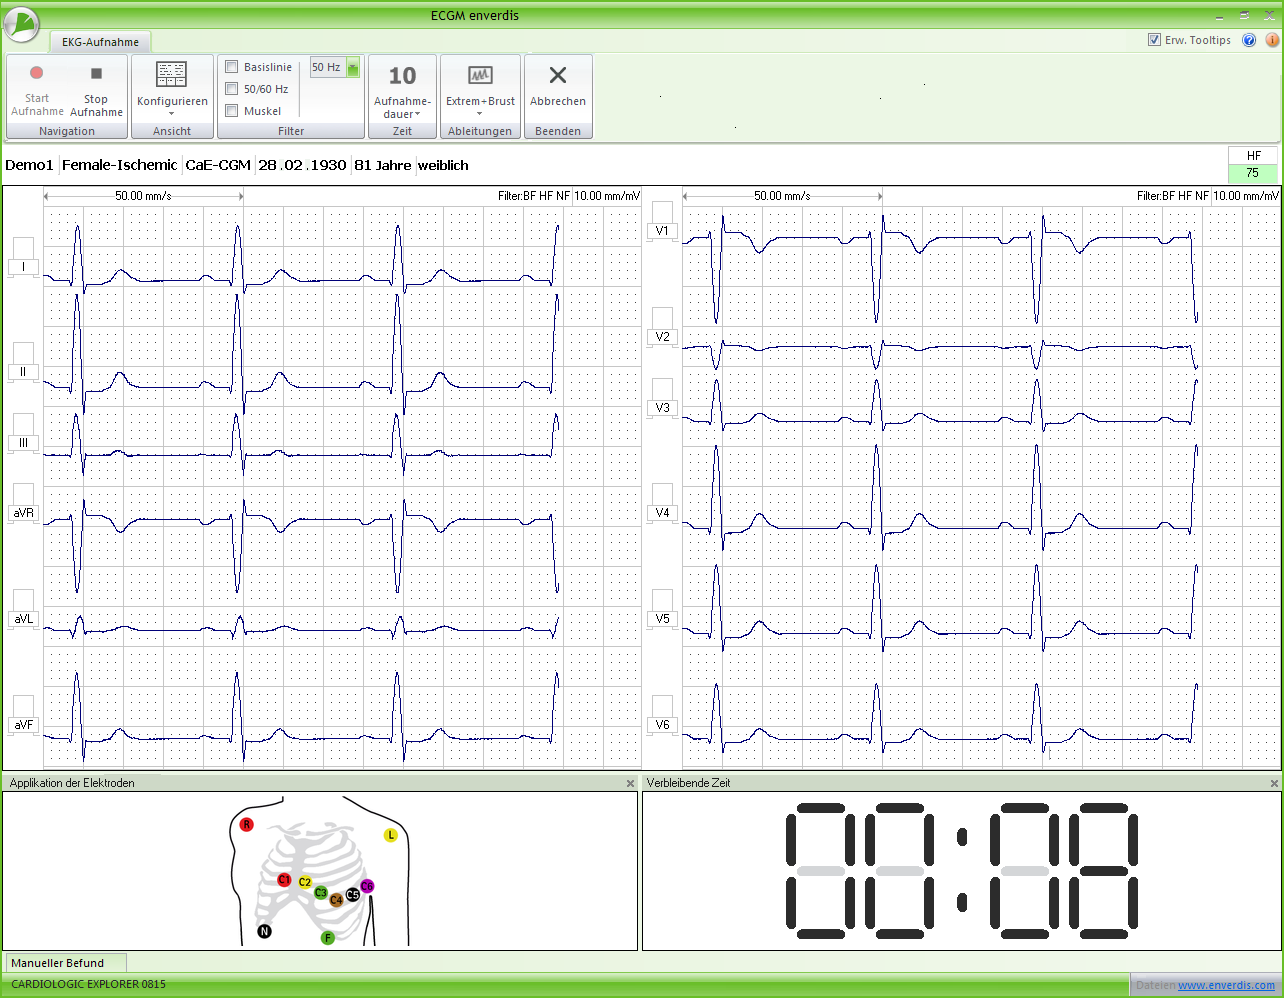 Enverdis Cardiologic Explorer ECG SIRE